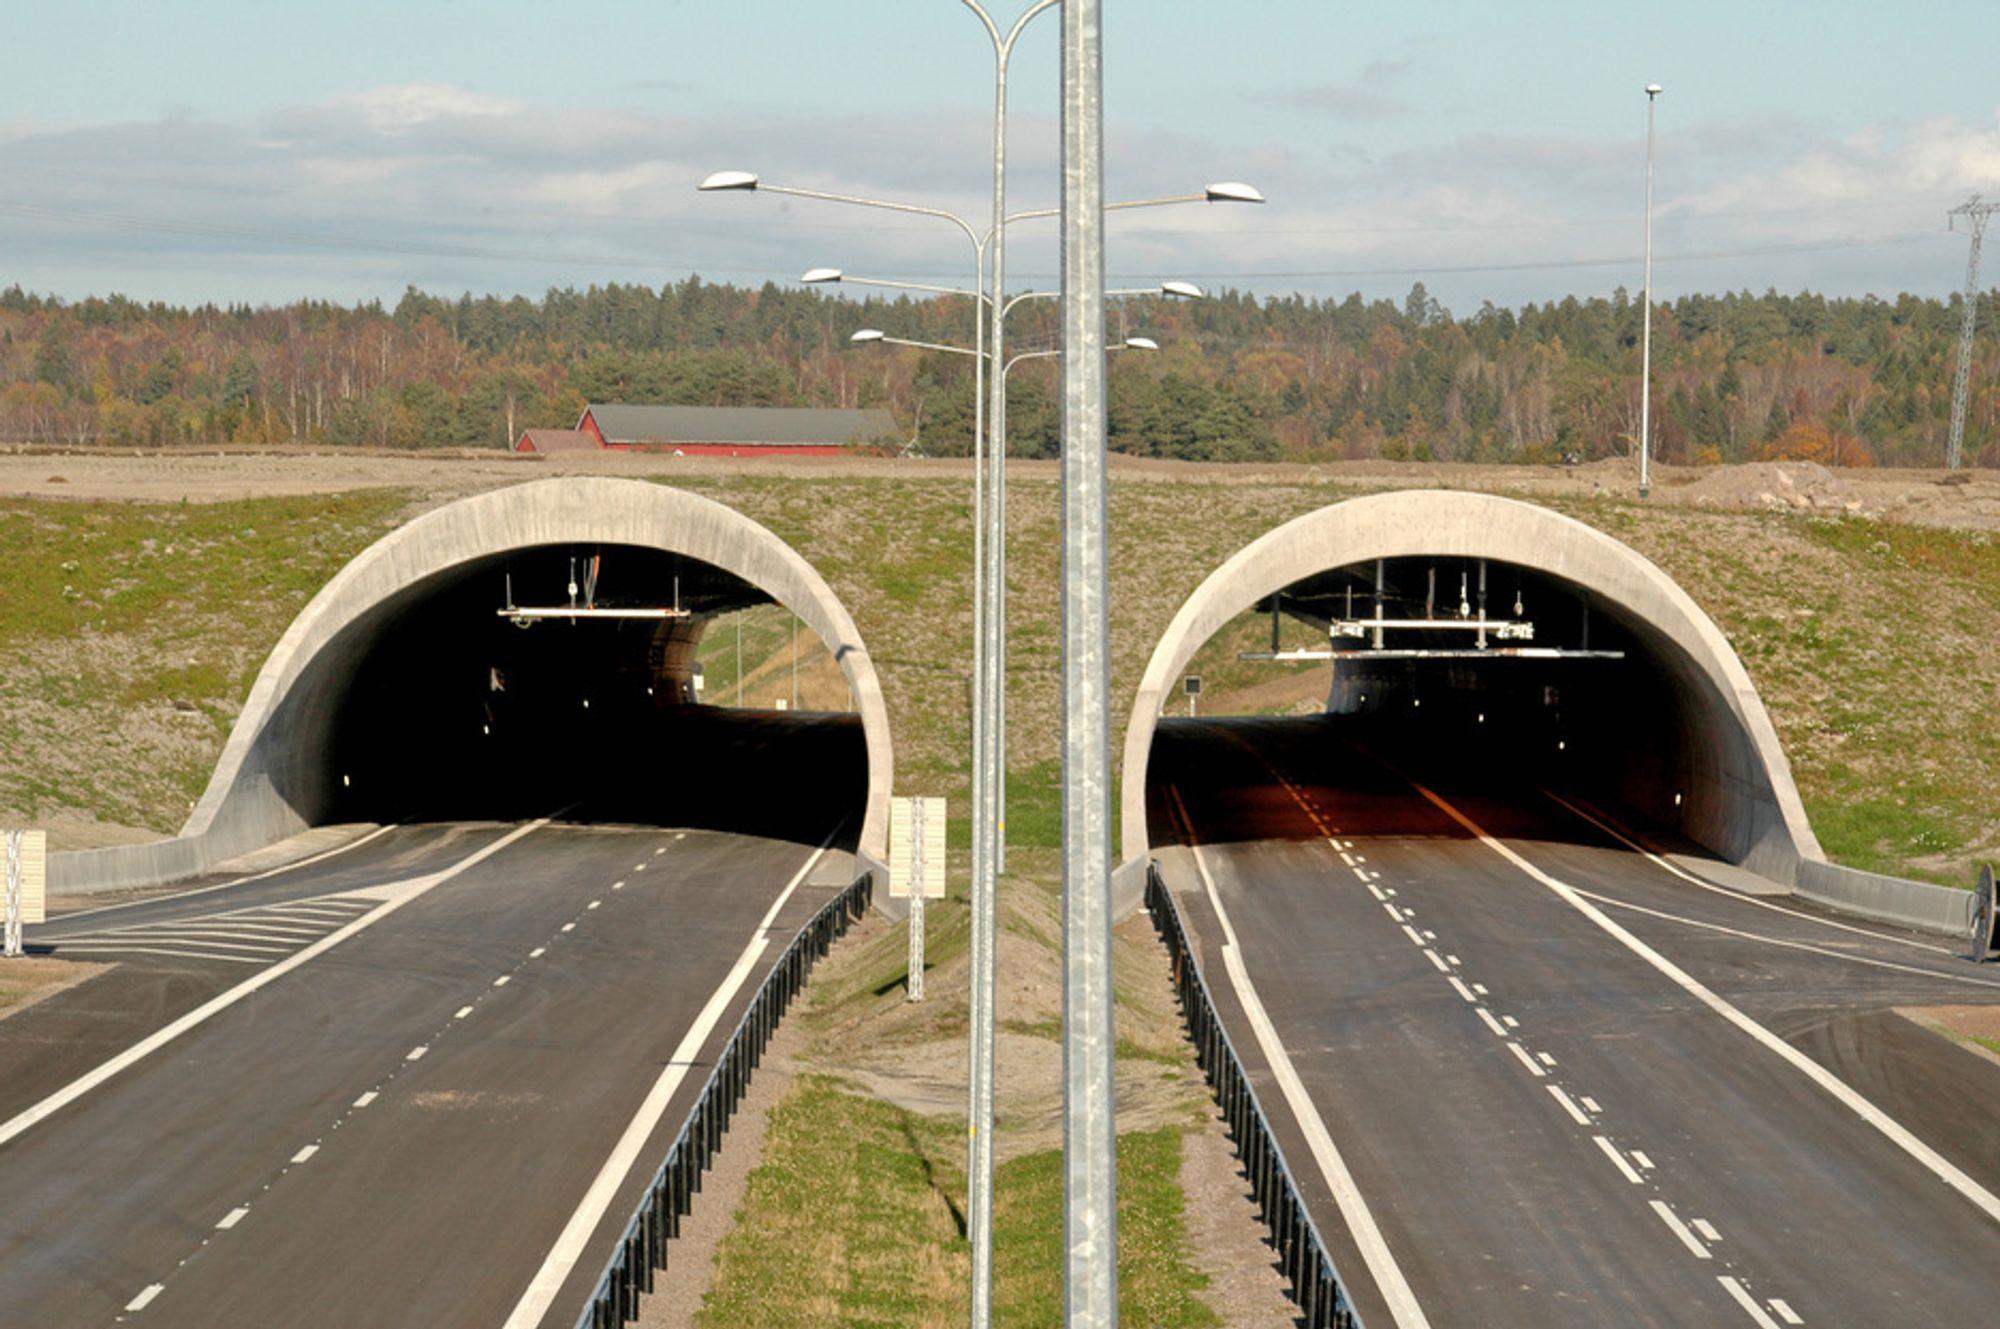 FIRE FELT: Vegvesenets mål er sammenhengende firefelts motorveg gjennom Vestfold, og gjennomgående motorvei fra Oslo til Kristiansand. Bildet viser Gulli miljøtunnel på strekningen Kopstad - Gulli.